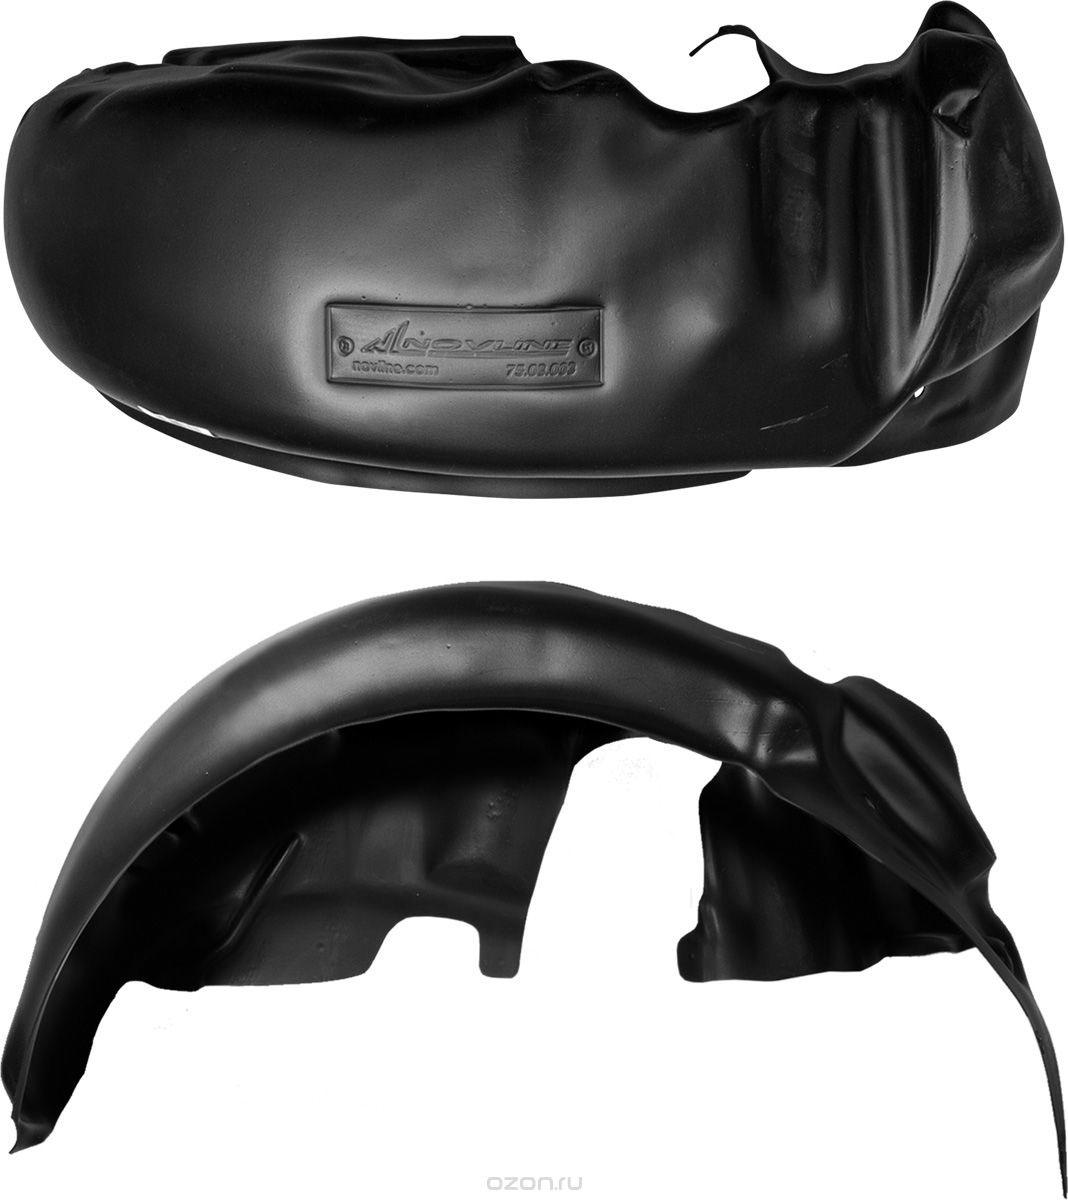 Подкрылок Novline-Autofamily, для Toyota Land Cruiser Prado, 01/2003-2009, задний правыйNLL.48.01.004Идеальная защита колесной ниши. Локеры разработаны с применением цифровых технологий, гарантируют максимальную повторяемость поверхности арки. Изделия устанавливаются без нарушения лакокрасочного покрытия автомобиля, каждый подкрылок комплектуется крепежом. Уважаемые клиенты, обращаем ваше внимание, что фотографии на подкрылки универсальные и не отражают реальную форму изделия. При этом само изделие идет точно под размер указанного автомобиля.